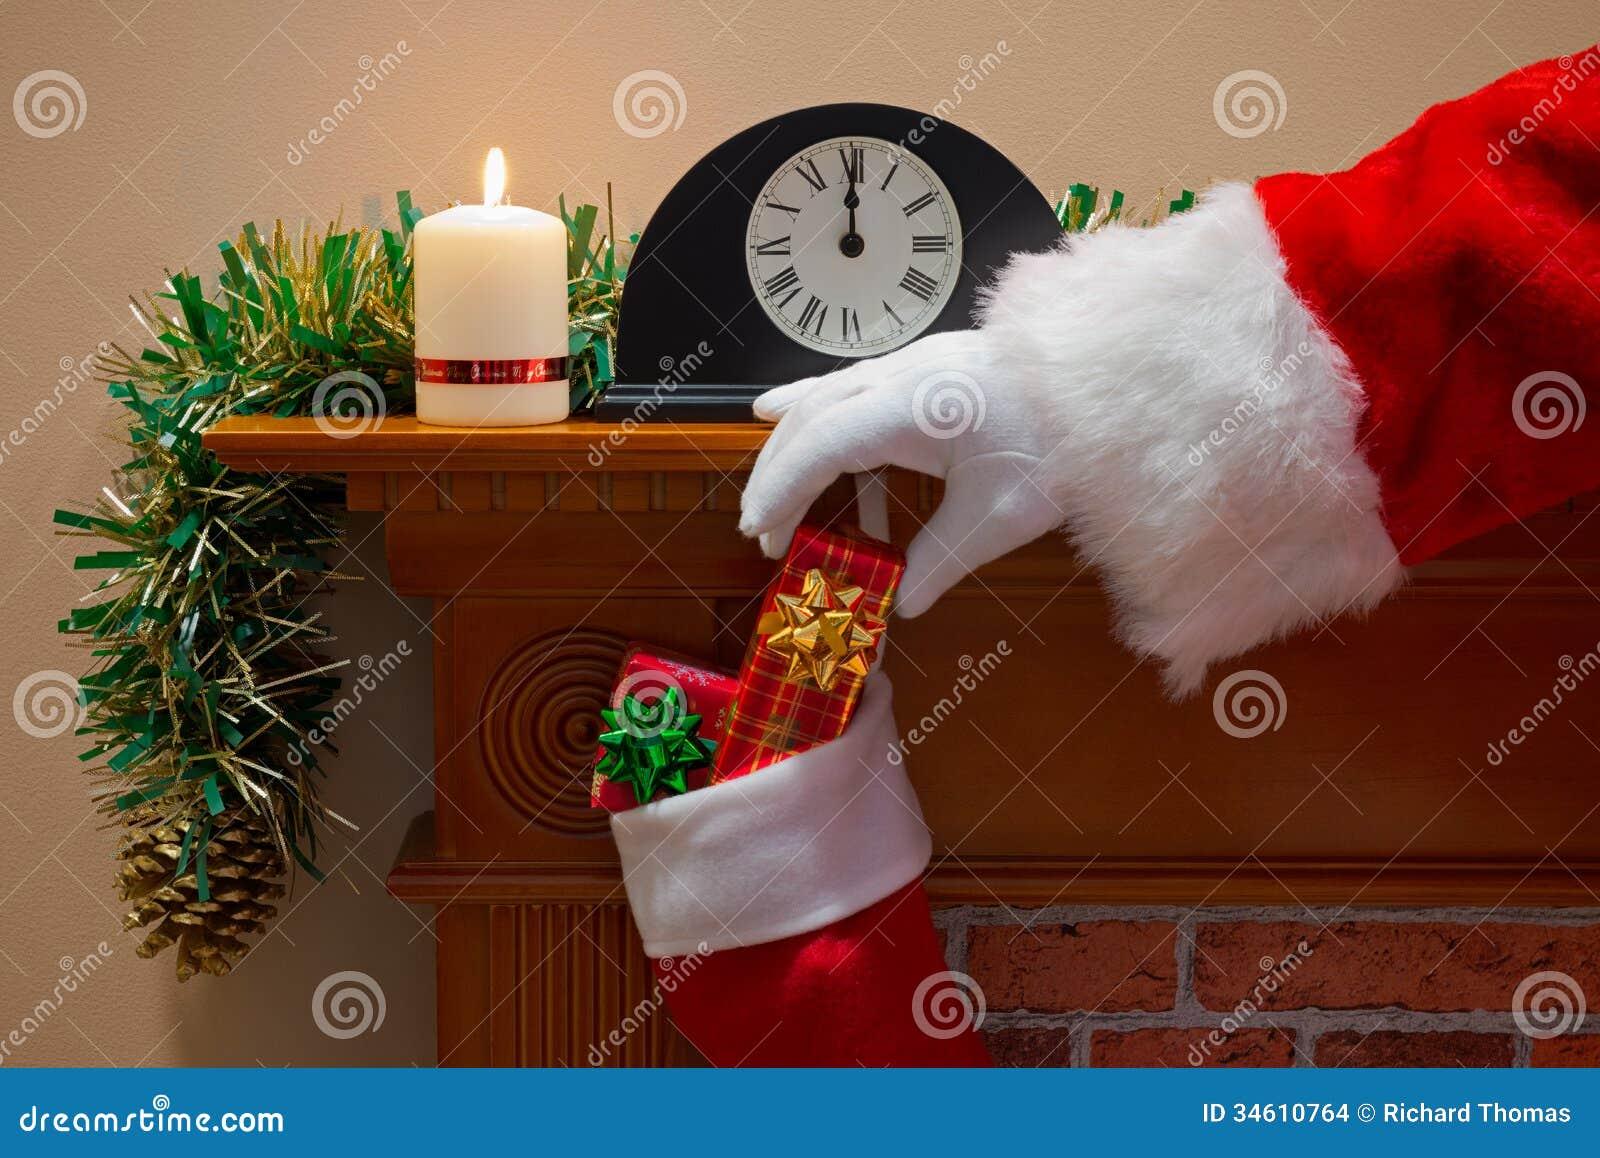 Santa Claus, Die Geschenke Auf Weihnachtsabend Liefert Stockfoto ...